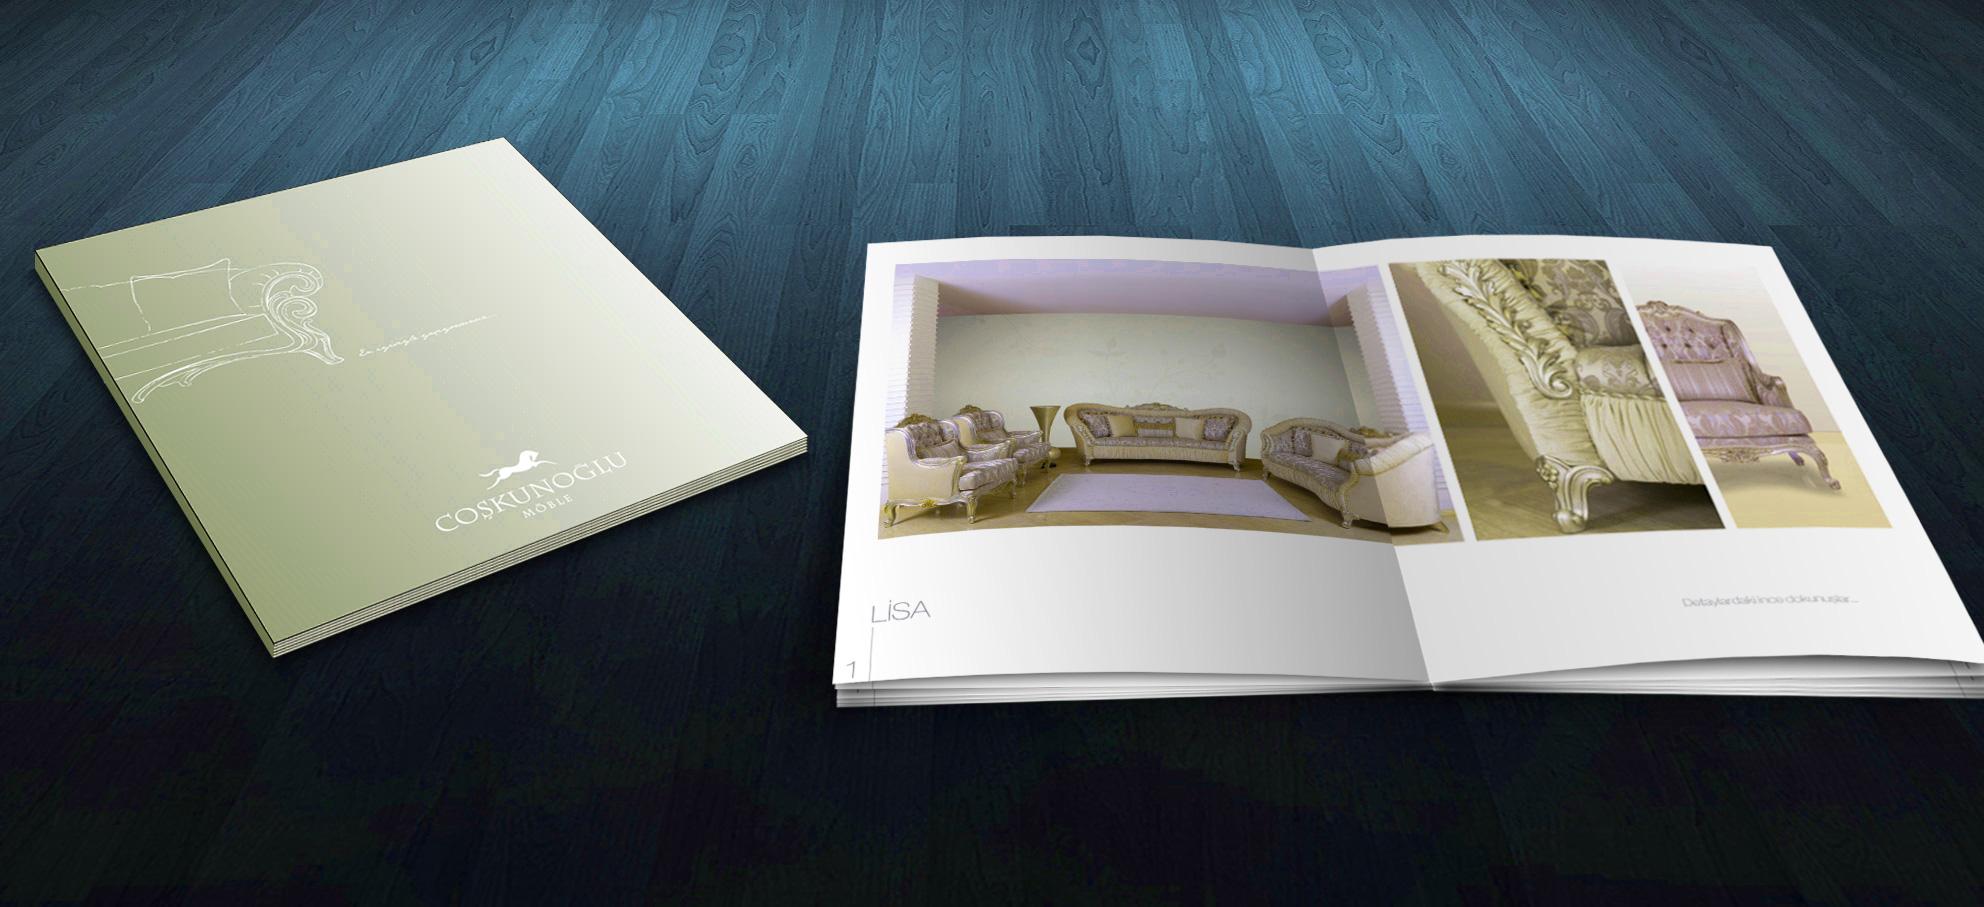 Diseño Editorial - Revistas - Libros - Periódicos - Colombia - México